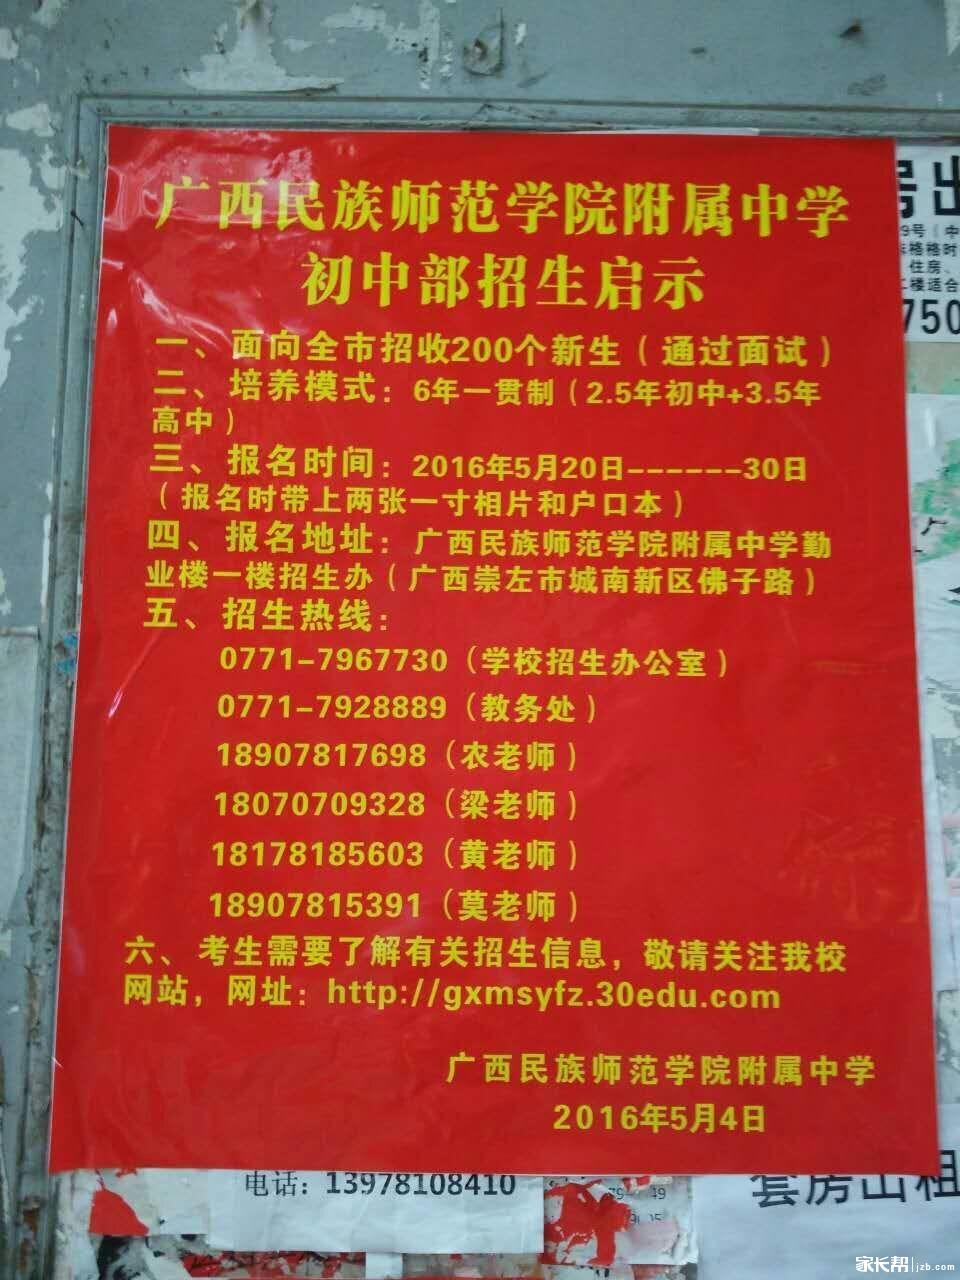 广西中学师范学院启示初中初中部招生附属_2民族生年毕业证98出图片